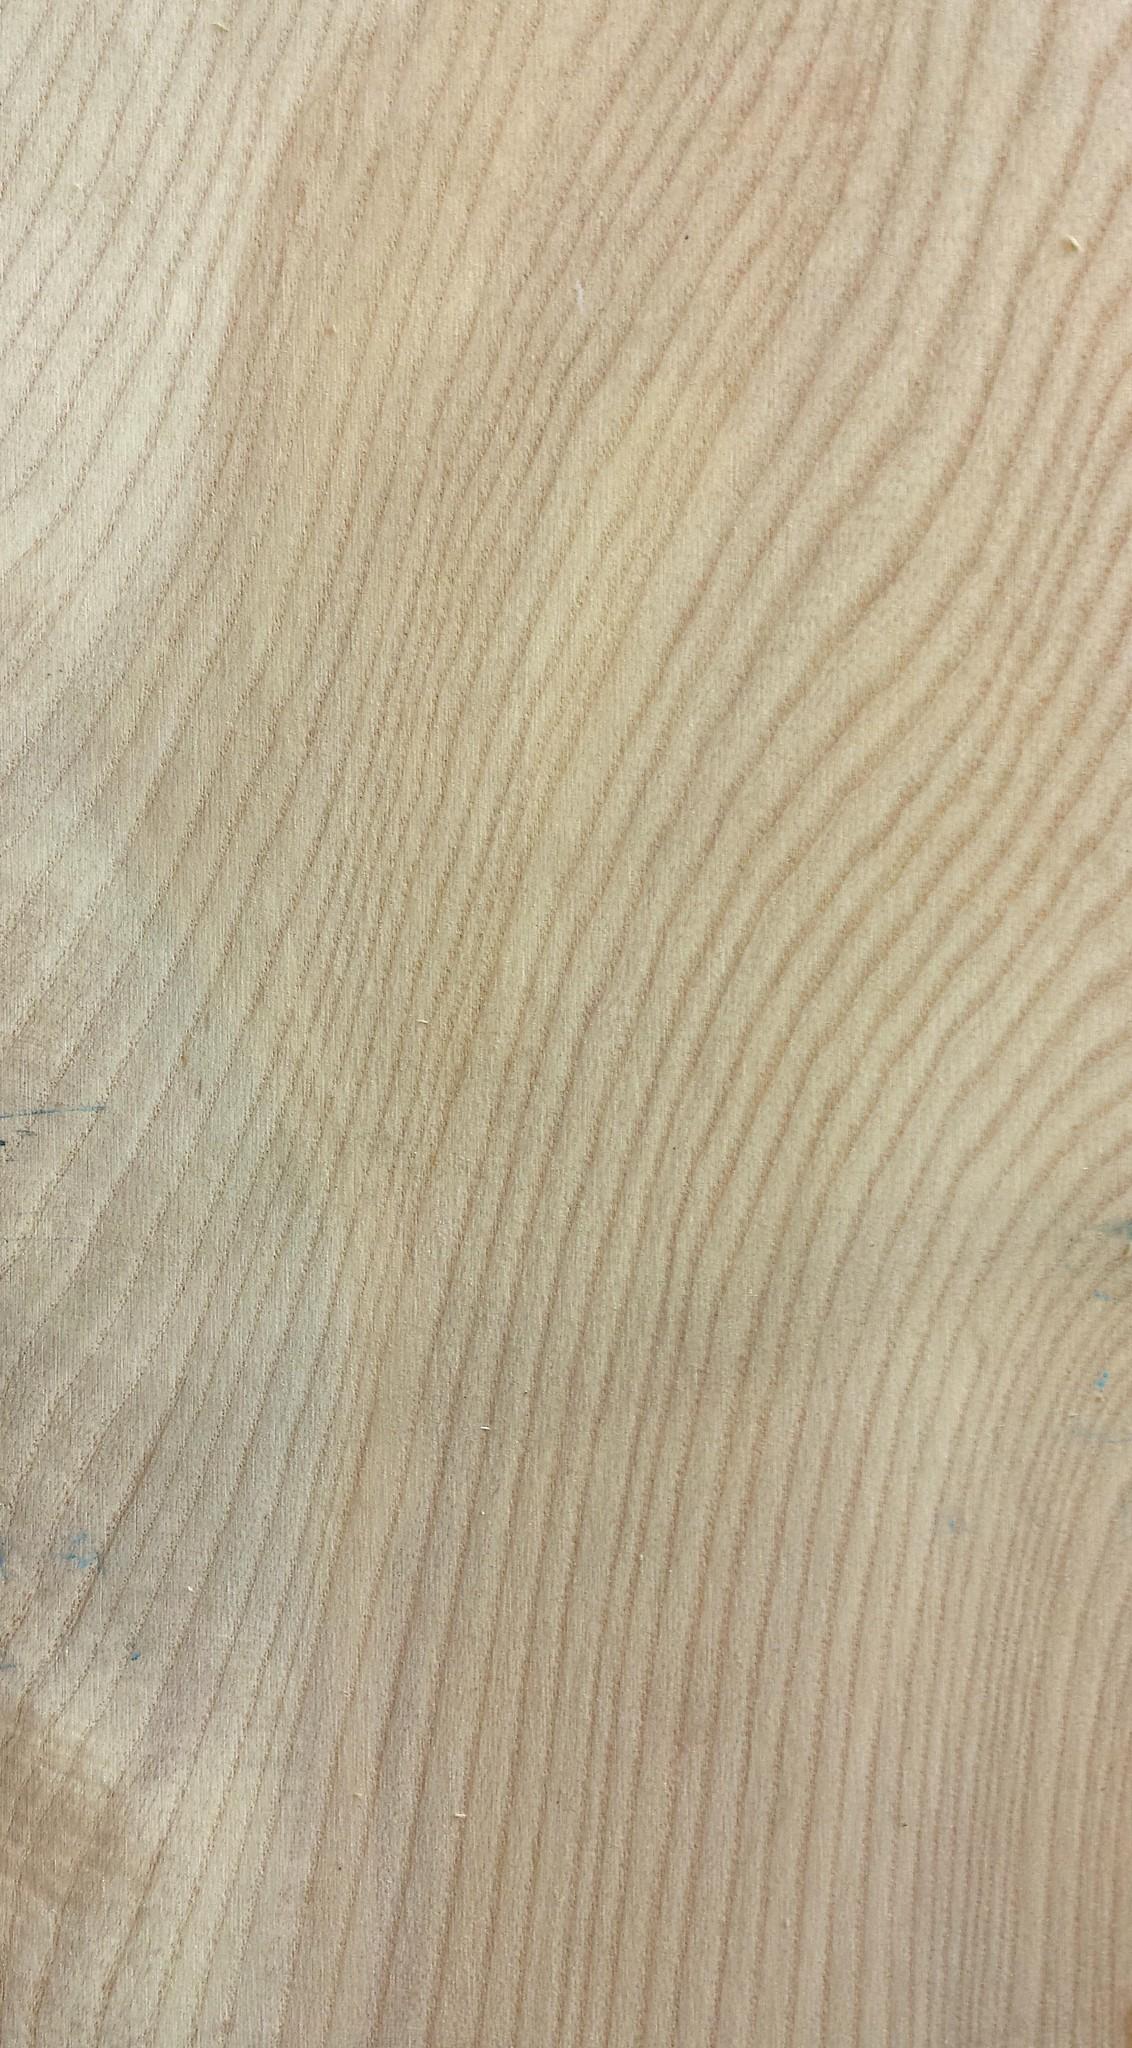 Le Marché du Bois Planche frêne blanc brut sélect